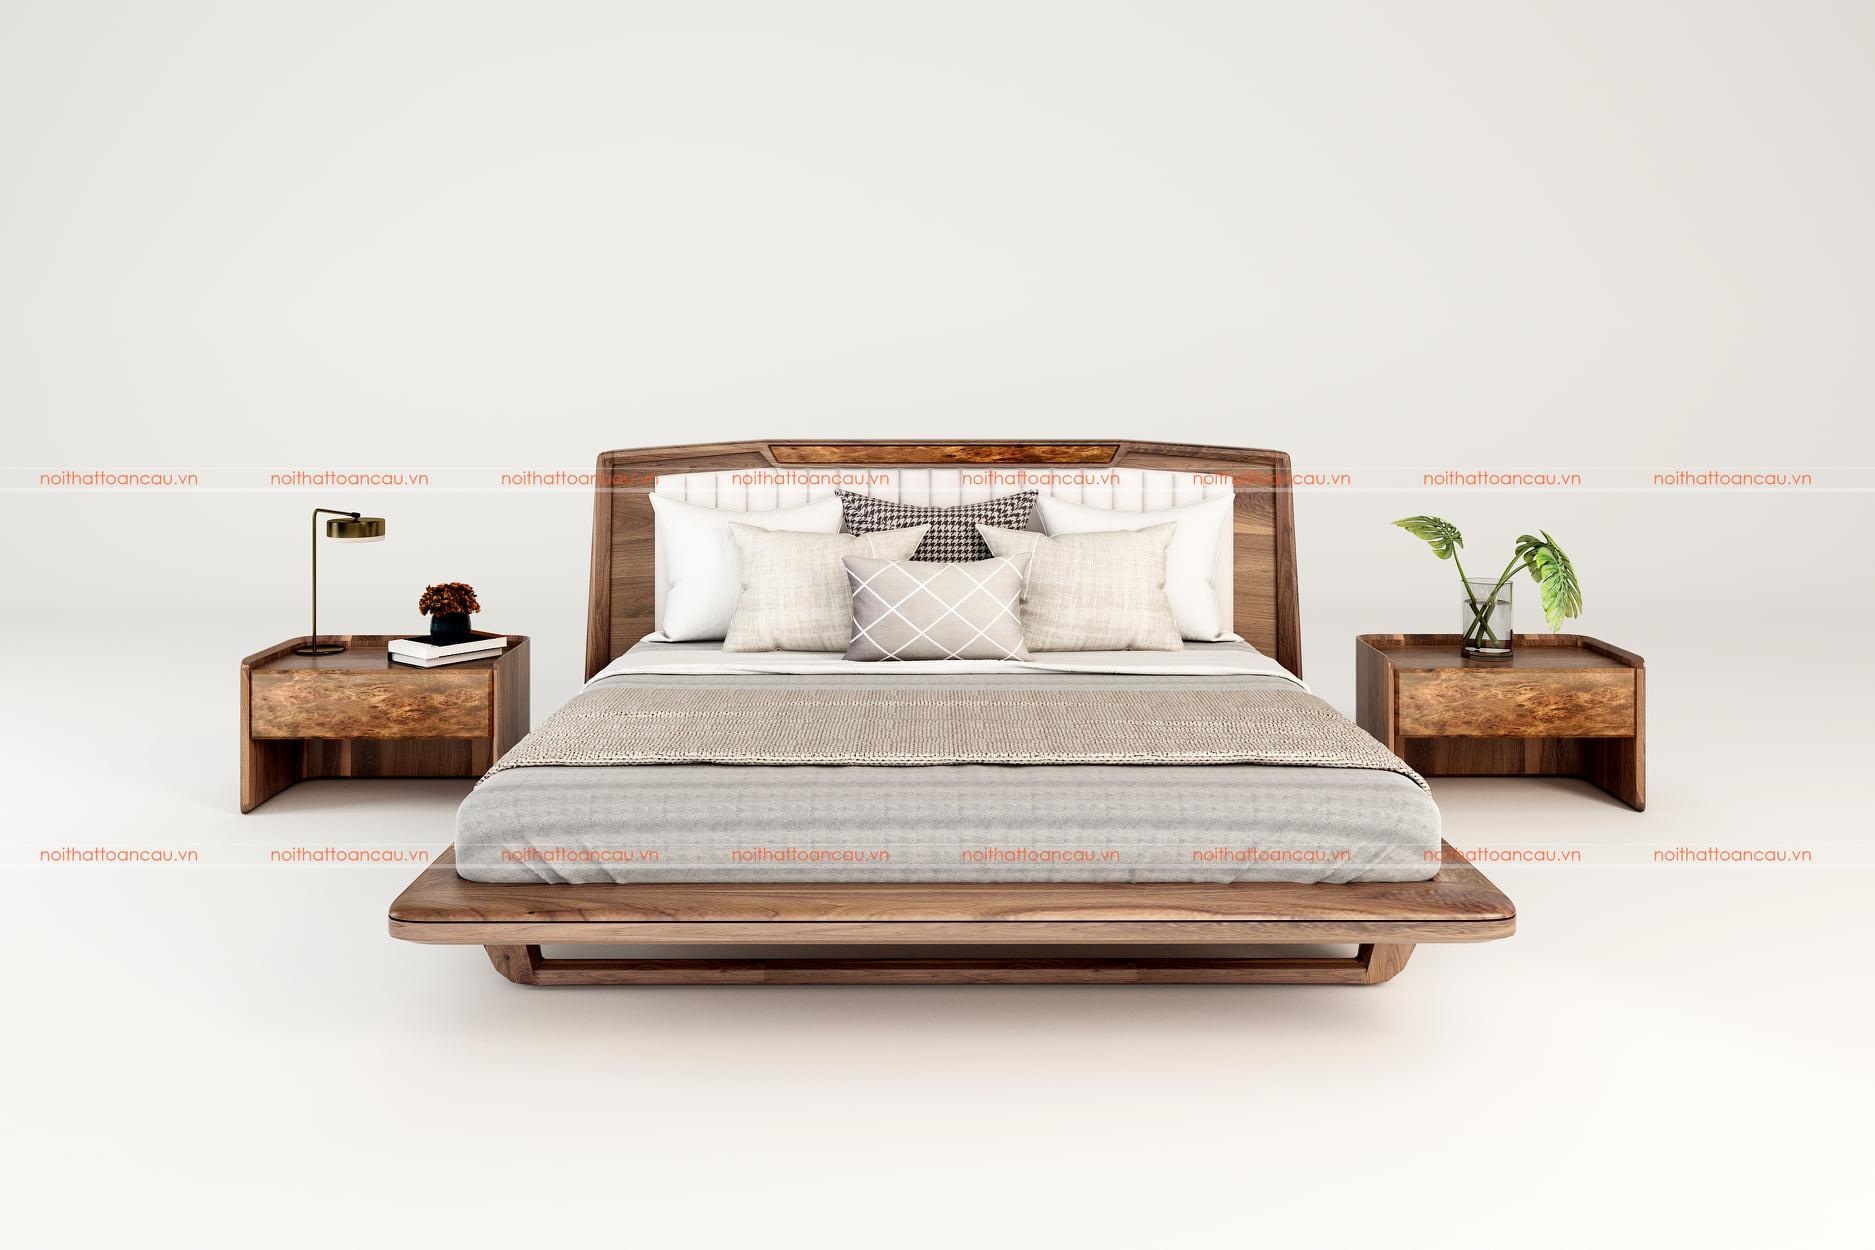 Giường gỗ óc chó hiện đại 1170 c